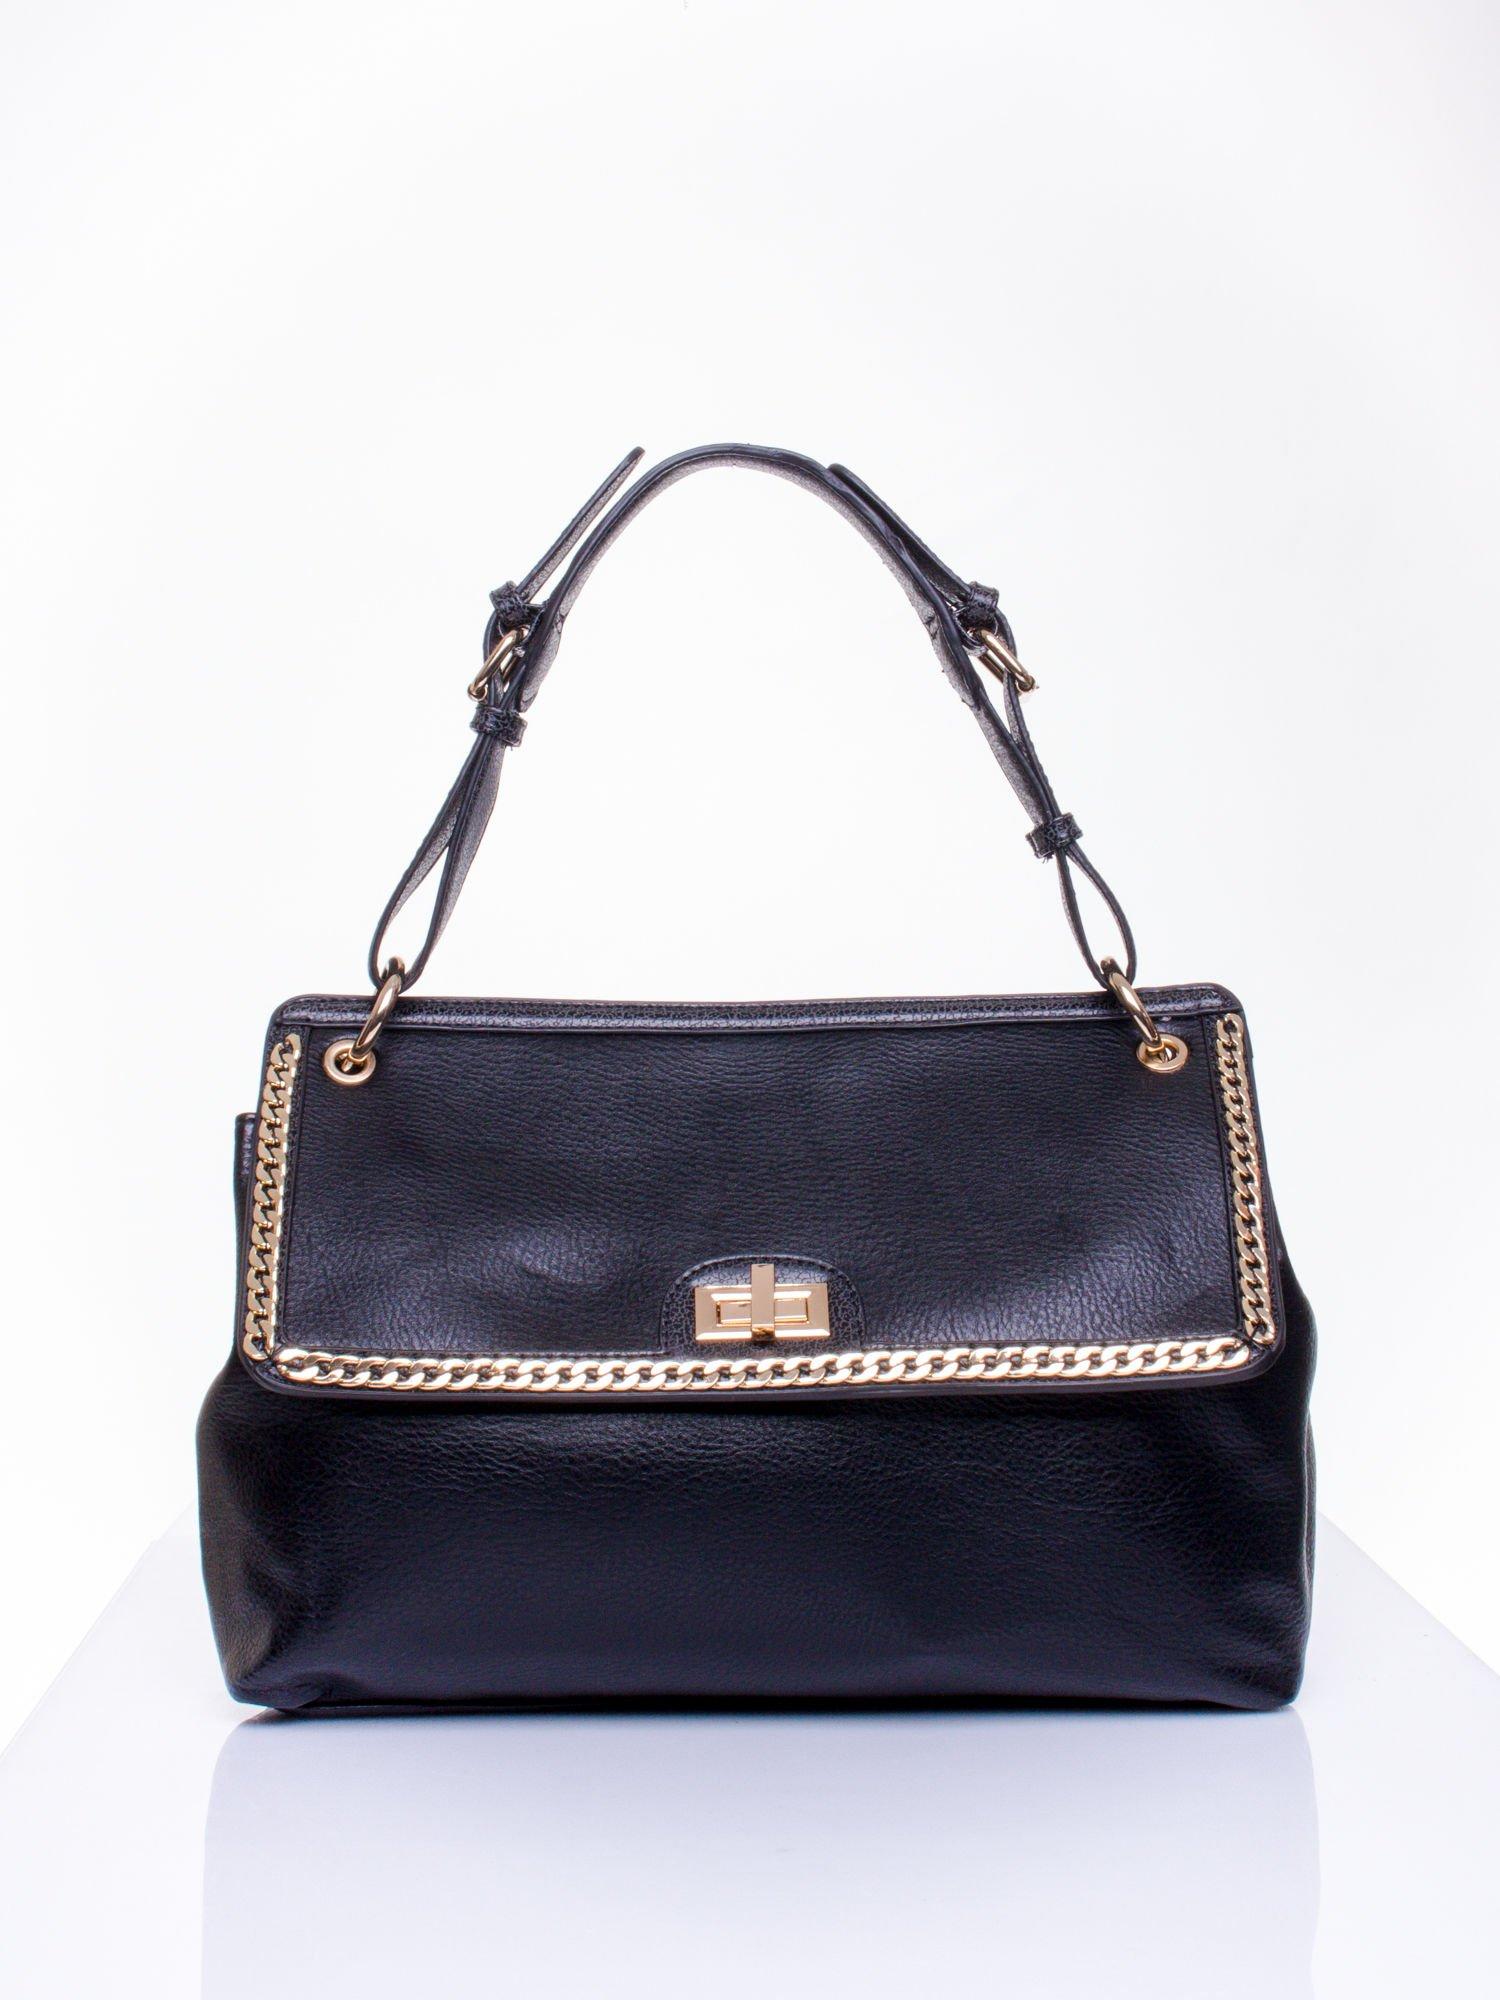 Czarna torebka kuferek ze złotym łańcuszkiem                                  zdj.                                  1